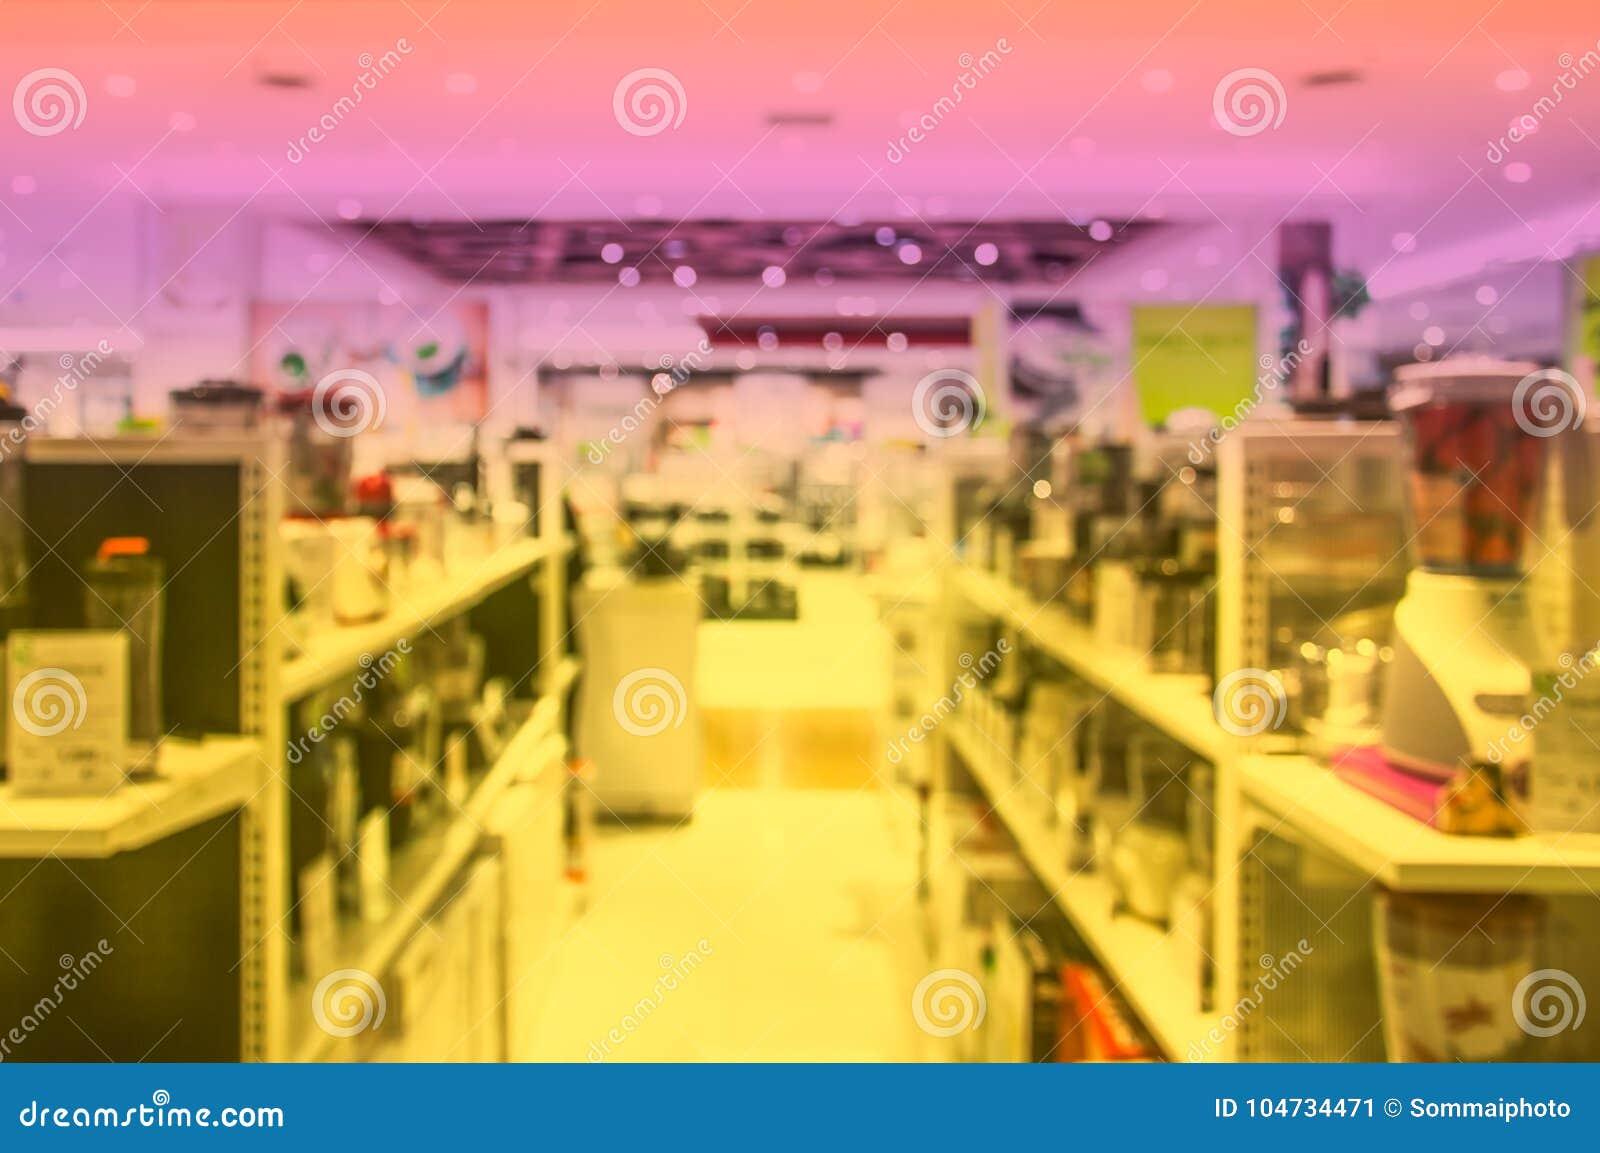 Dipartimento vago di elettronica nel centro commerciale